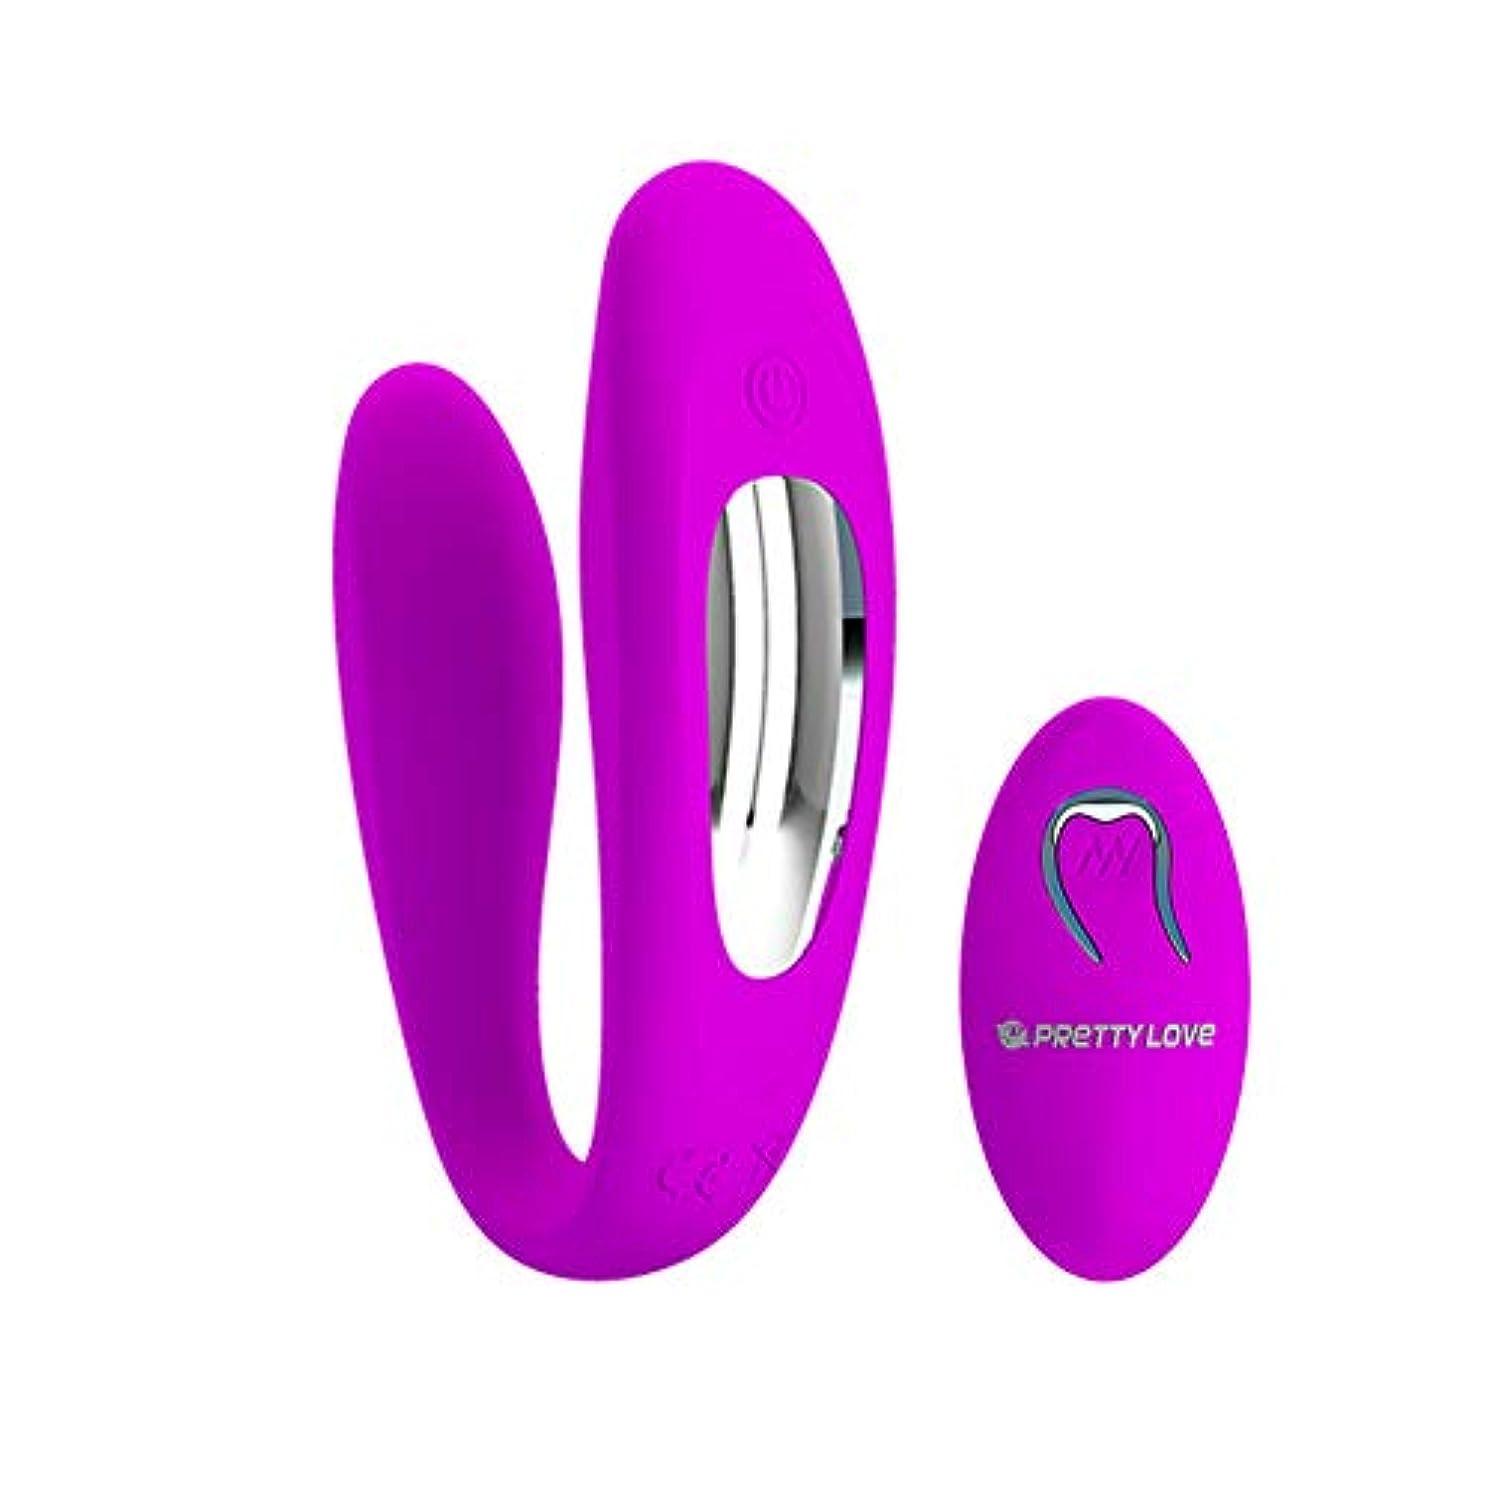 動詞バブルベアリング電気シリコーンのおもちゃ、カップルはマッサージスティックを共有し、Usb防水ミュート12バンドデュアルモーターリモートコードレスマッサージ、カップル減圧贈り物